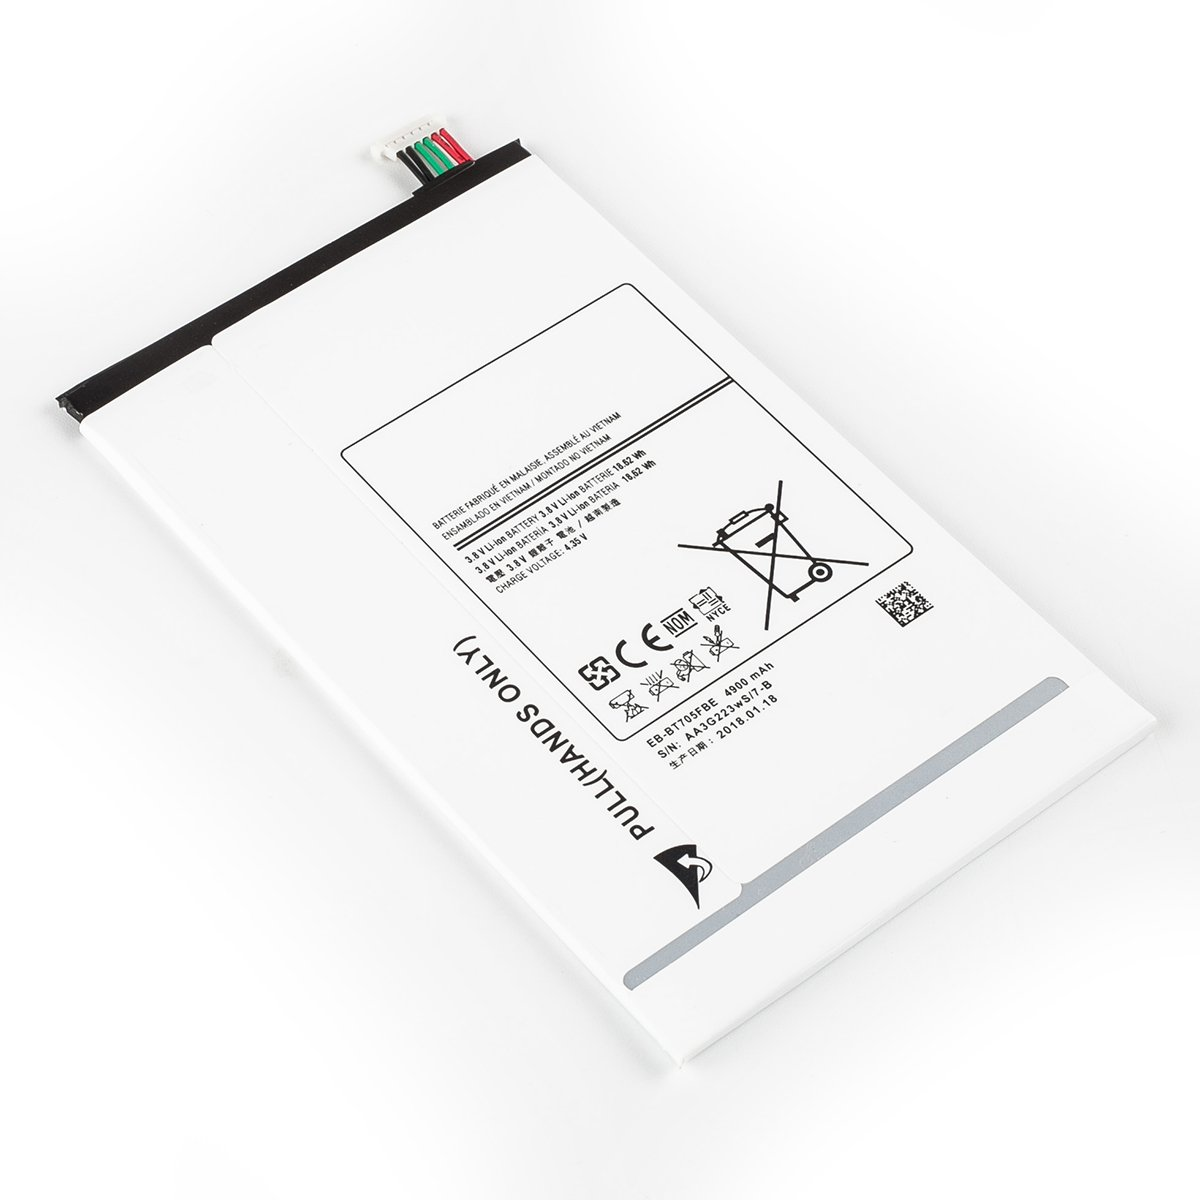 TANAKA EB-BT705FBE EB-BT705FBC EB-BT705FBU Battery Compatible Samsung Galaxy Tab S 8.4 SM-T700 SM-T705 SM-T705C Tools 3.8V 4900mAh